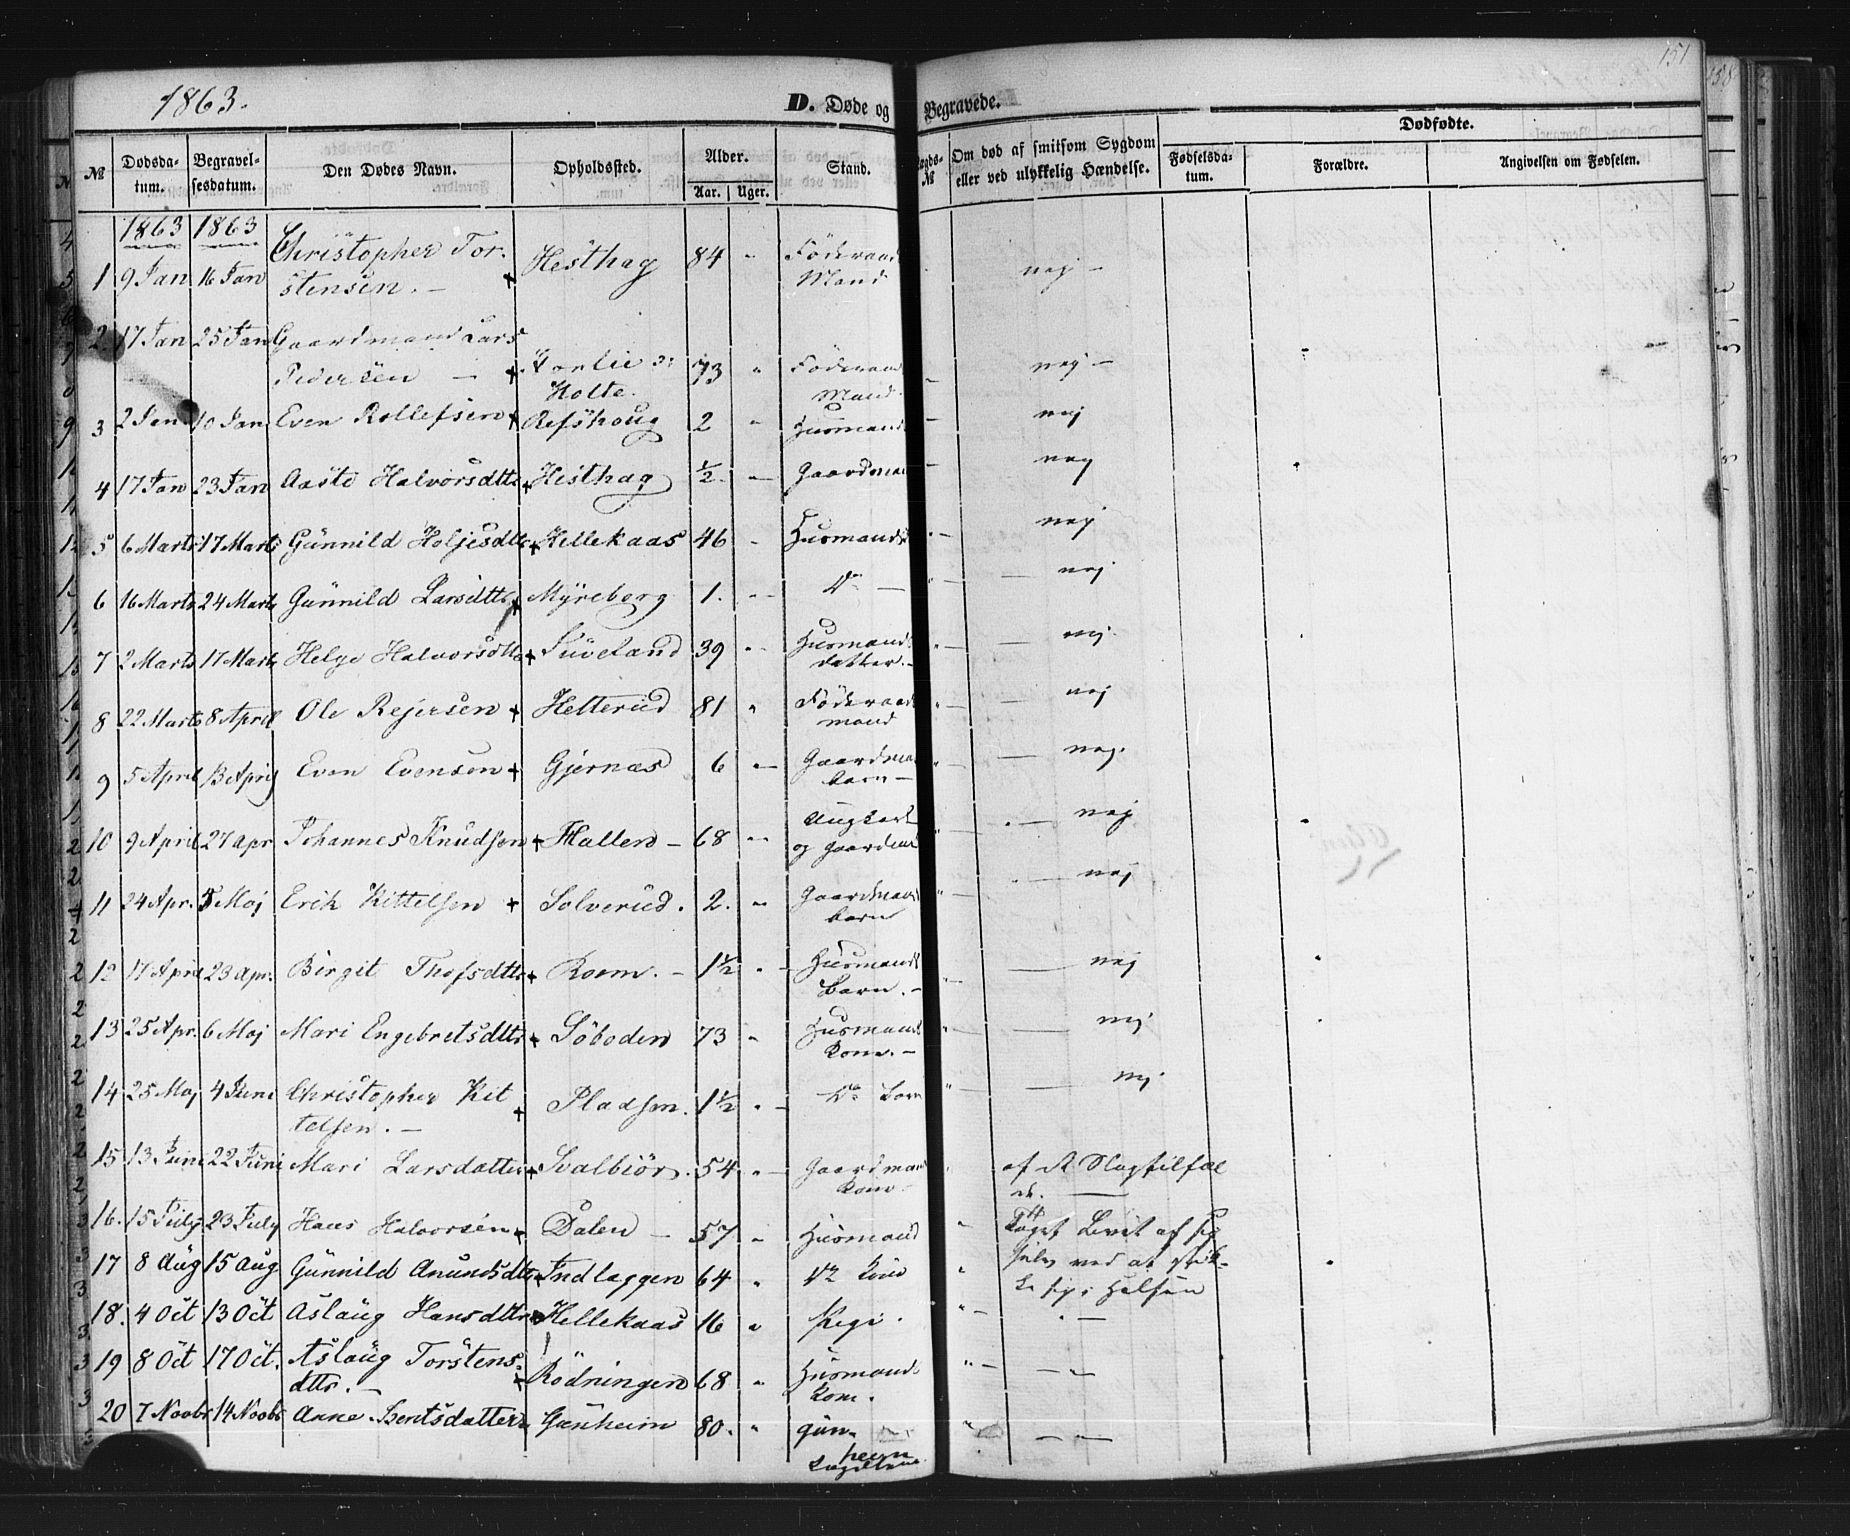 SAKO, Sauherad kirkebøker, F/Fb/L0001: Ministerialbok nr. II 1, 1851-1877, s. 151